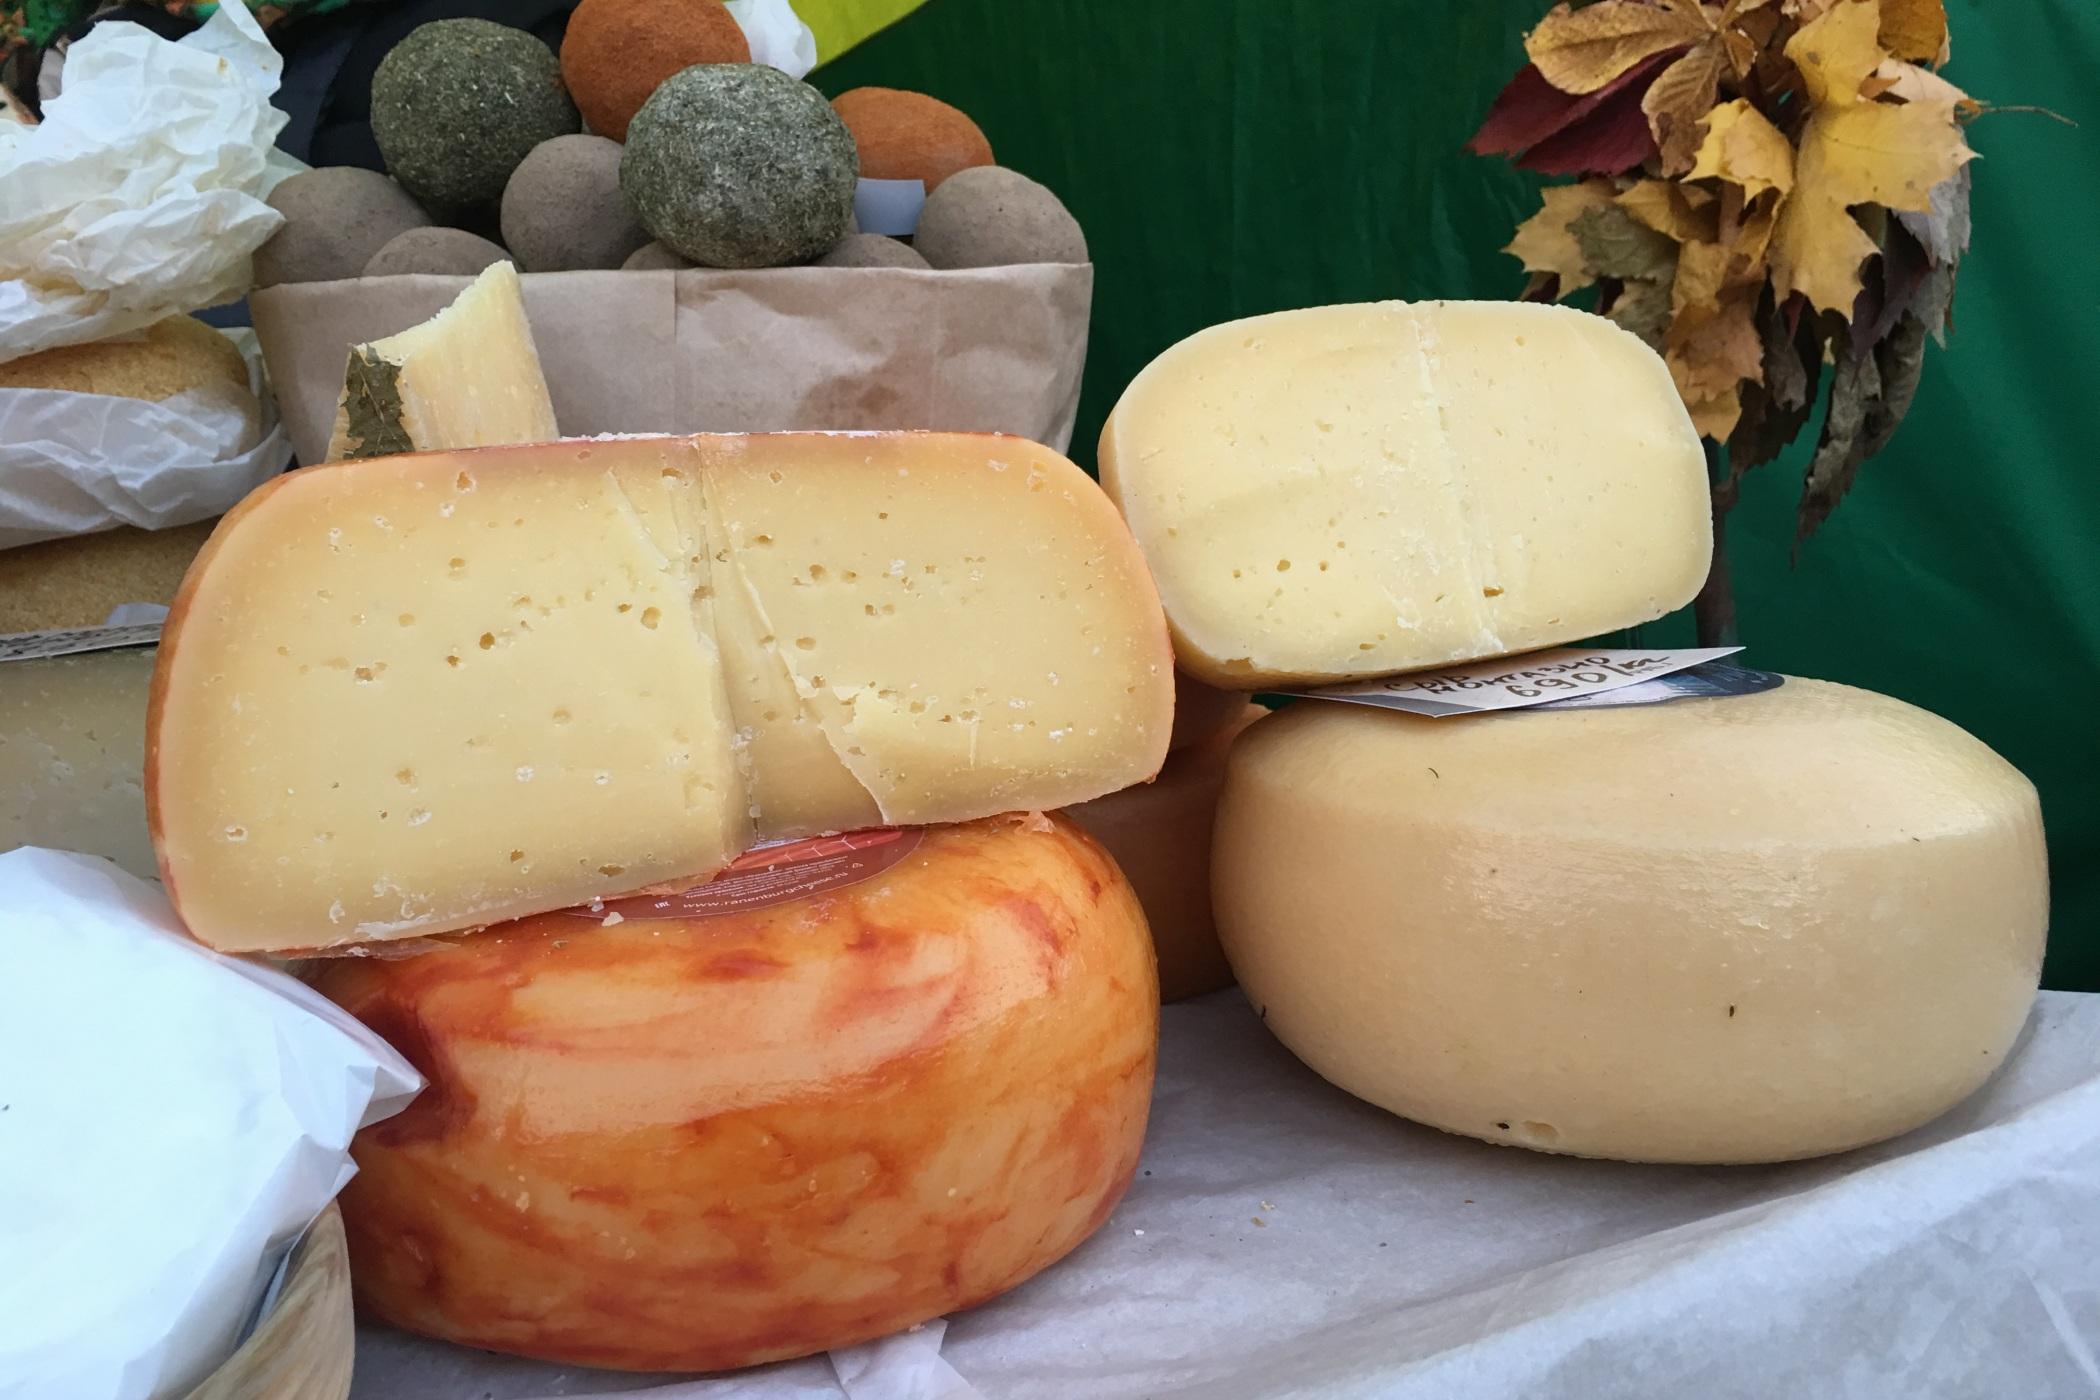 """""""Nikdy neberte sýry, které pocházejí z chovů koz krmených granulemi. Takový sýr nemůže být dobrý,"""" radí Světlana Novopašinová"""